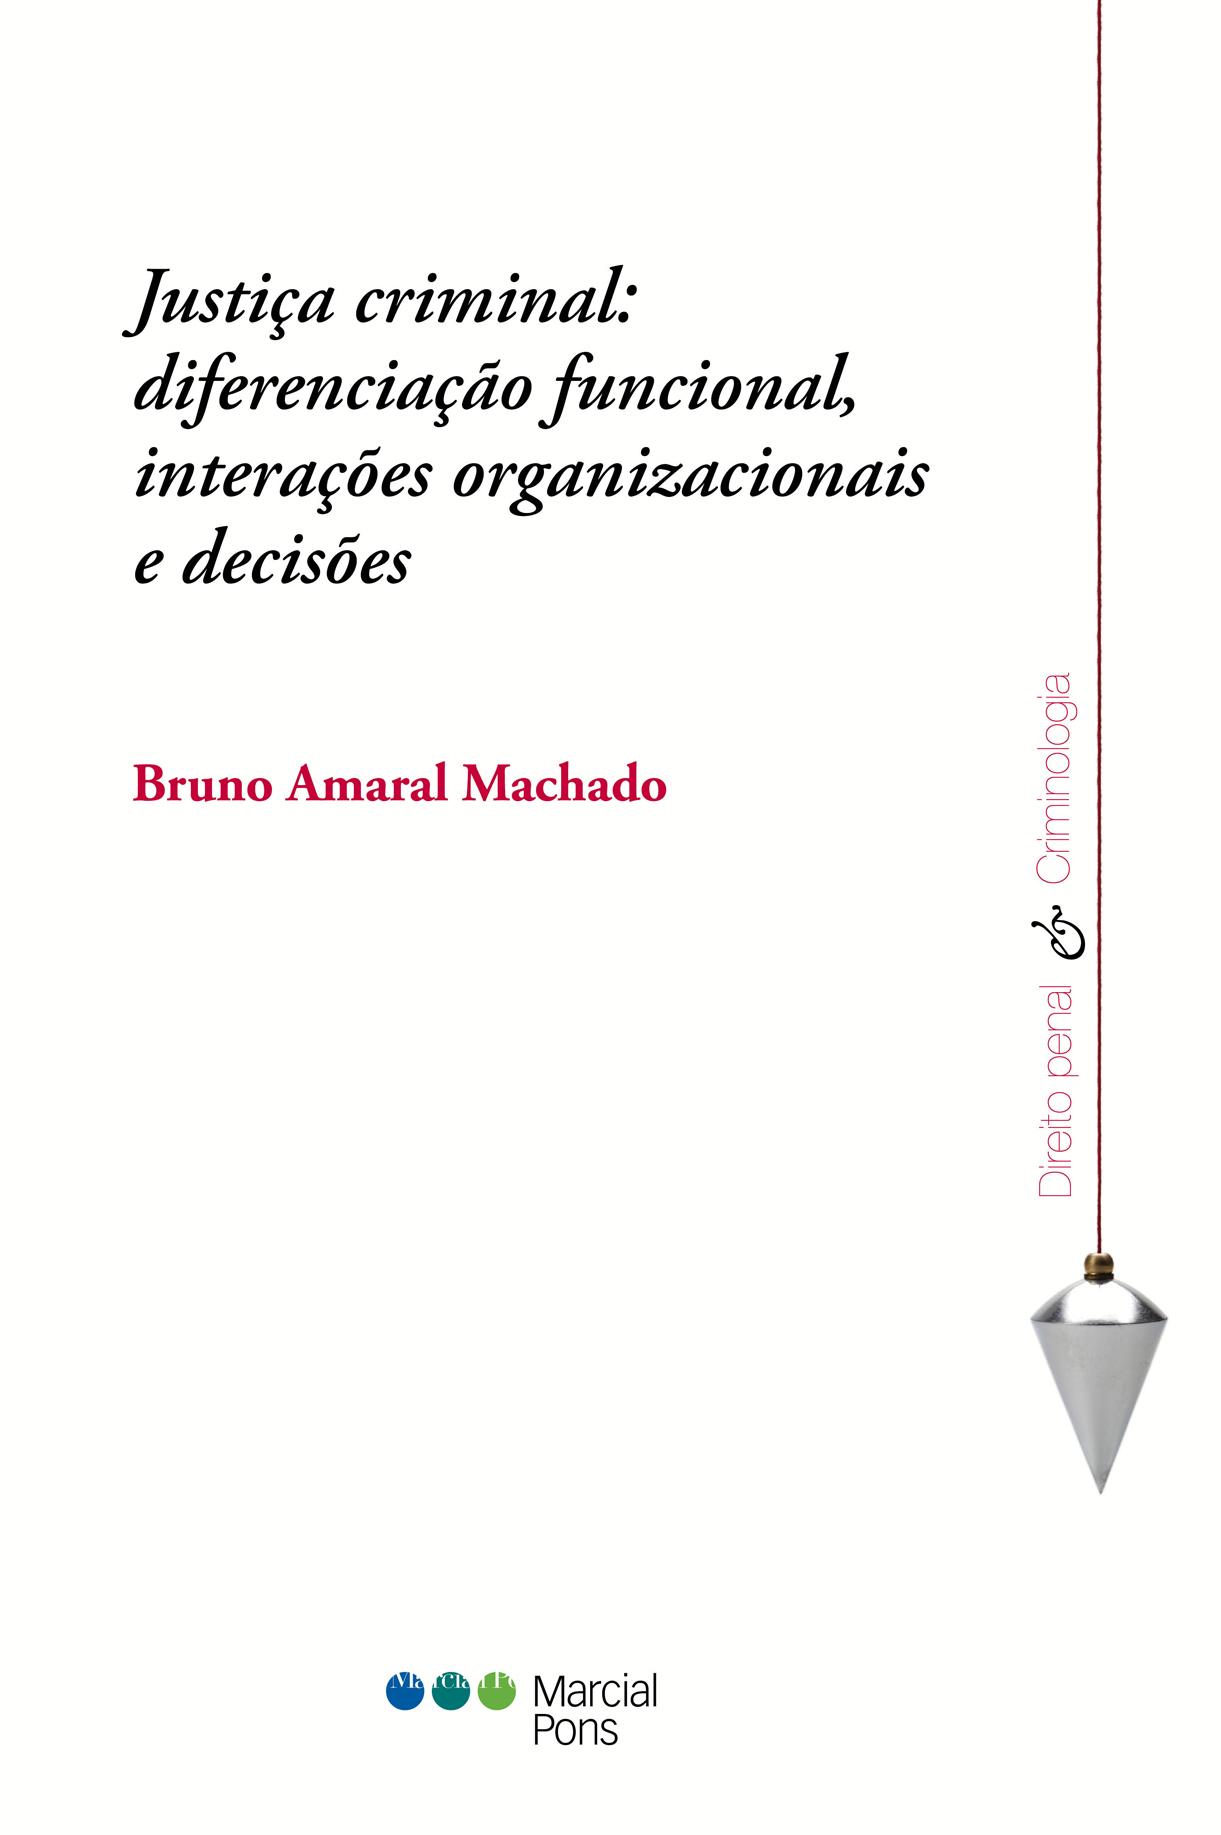 Portada del libro Justiça criminal: diferenciação funcional, interações organizacionais e decisões